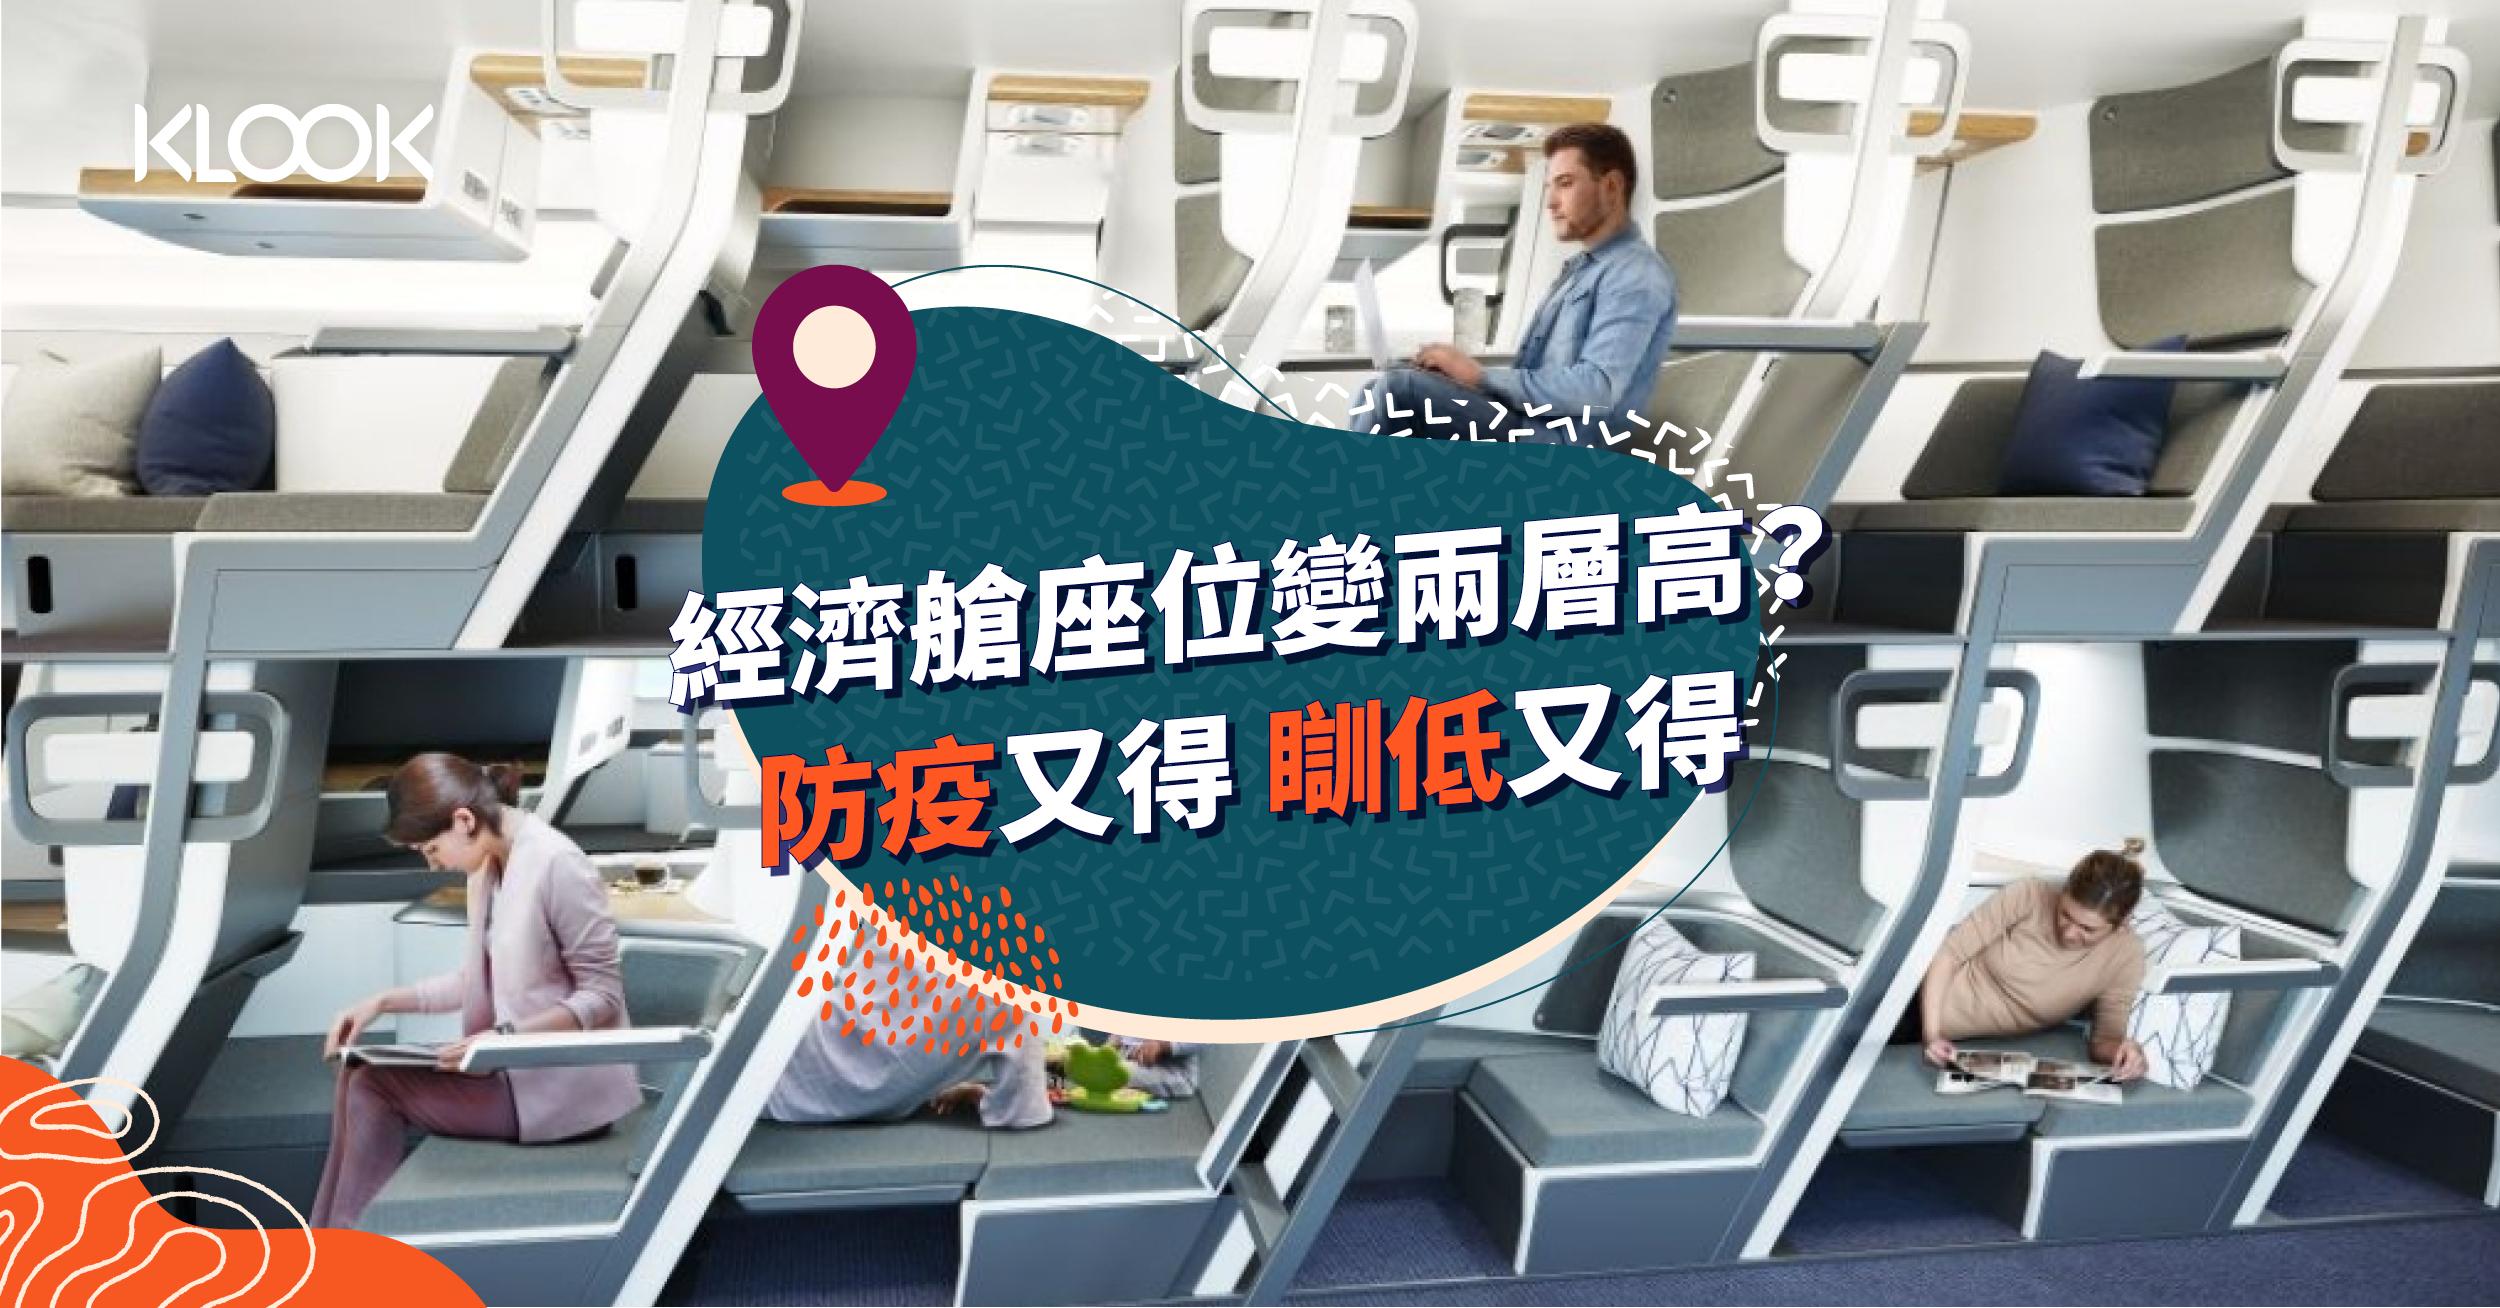 經濟艙座位變兩層高? 防疫又得瞓低平躺亦得